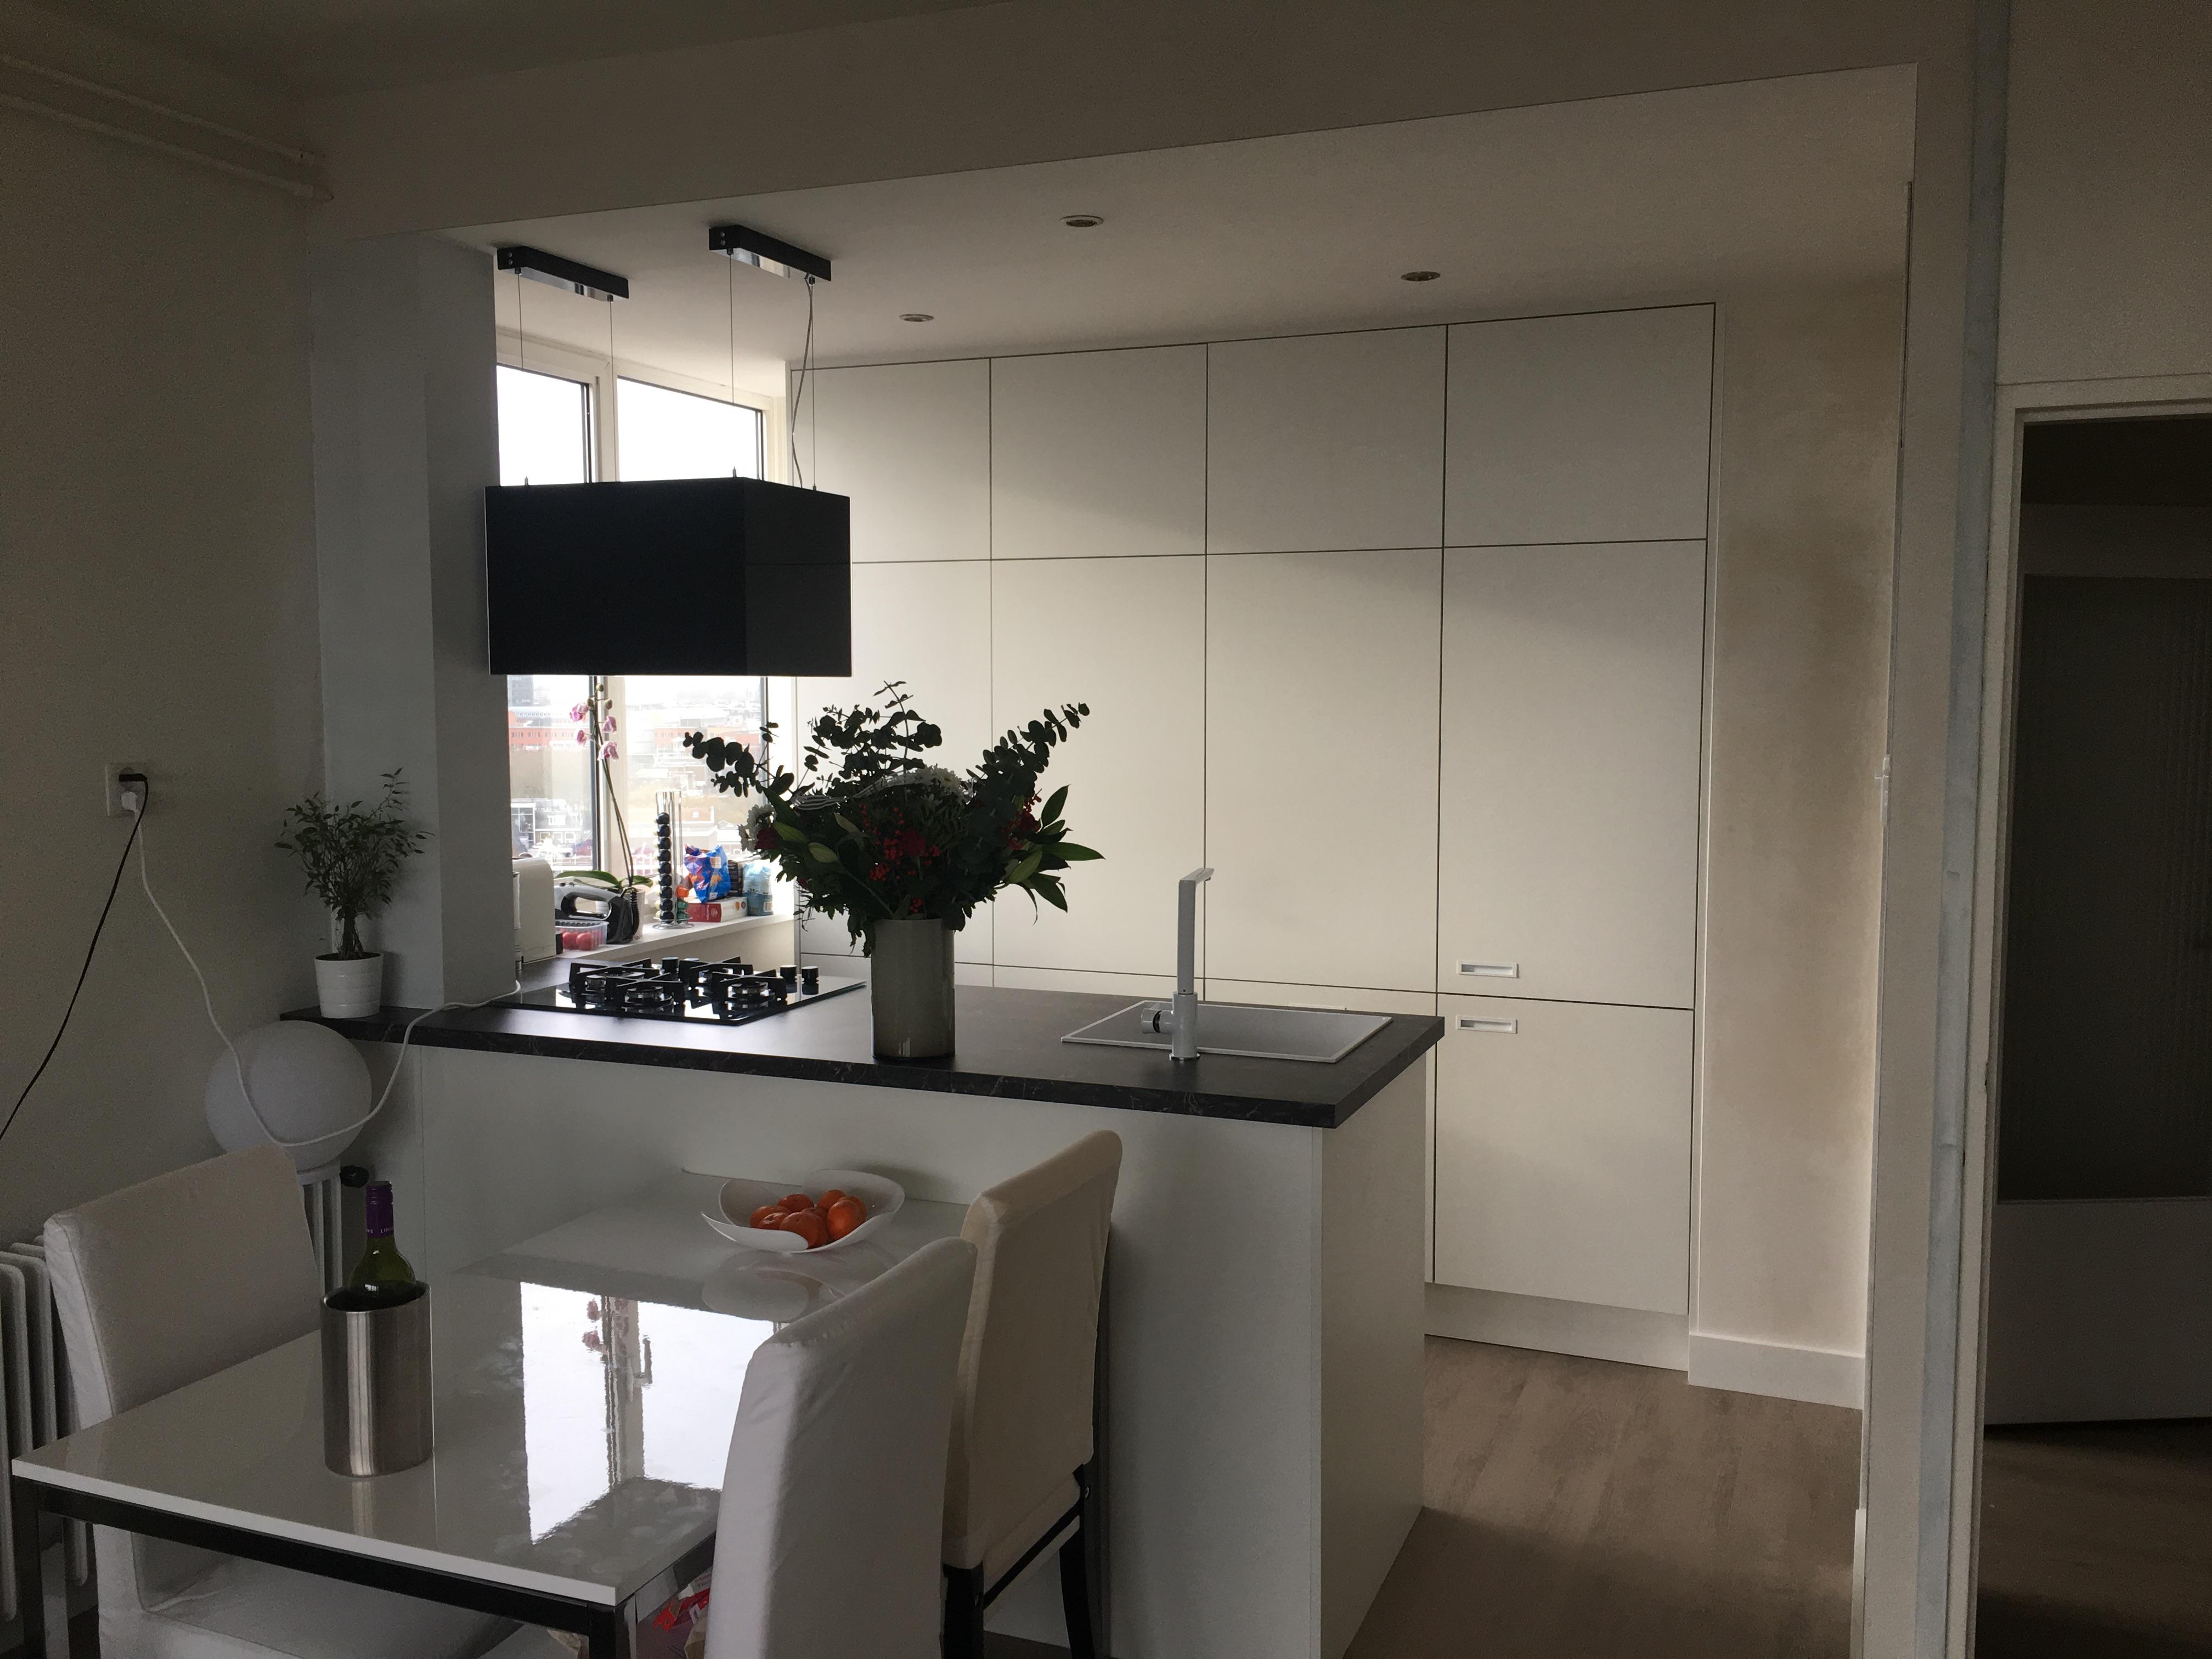 Exclusieve Wolters Keukens : Interieur bouwens u exclusieve interieurbouw voor particulier en